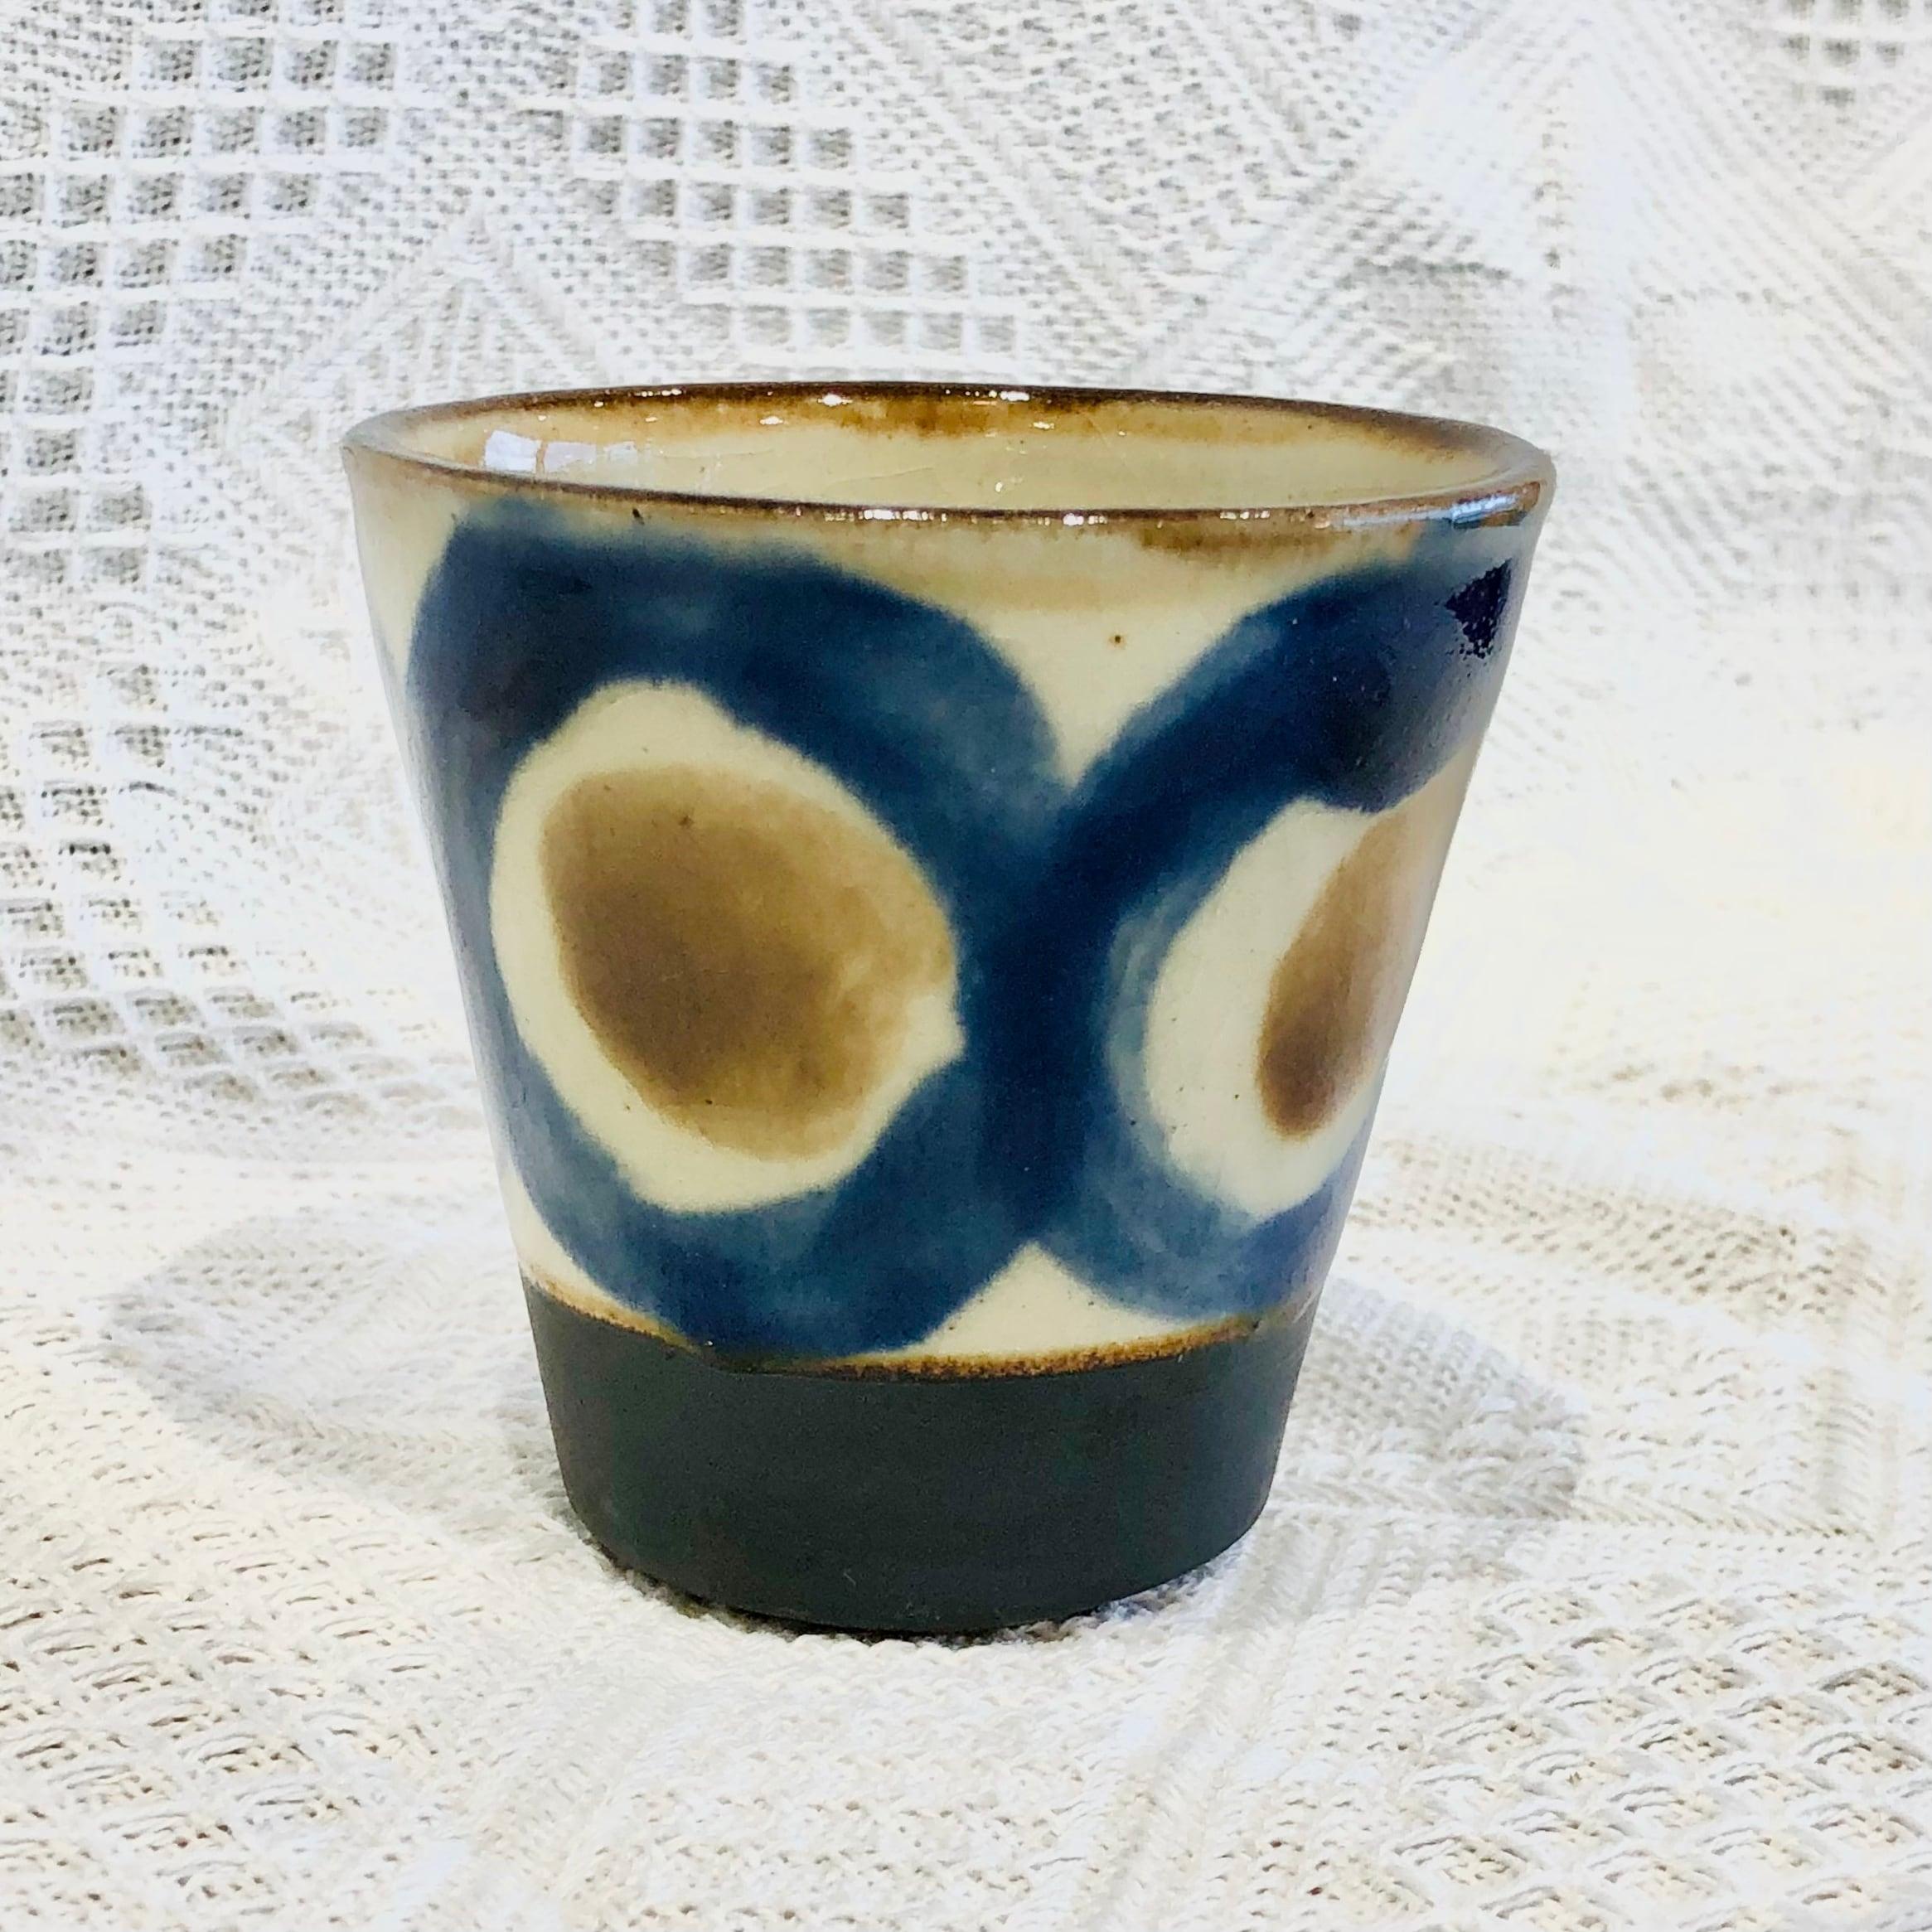 『ノモ陶器製作所』フリーカップ大コバルト